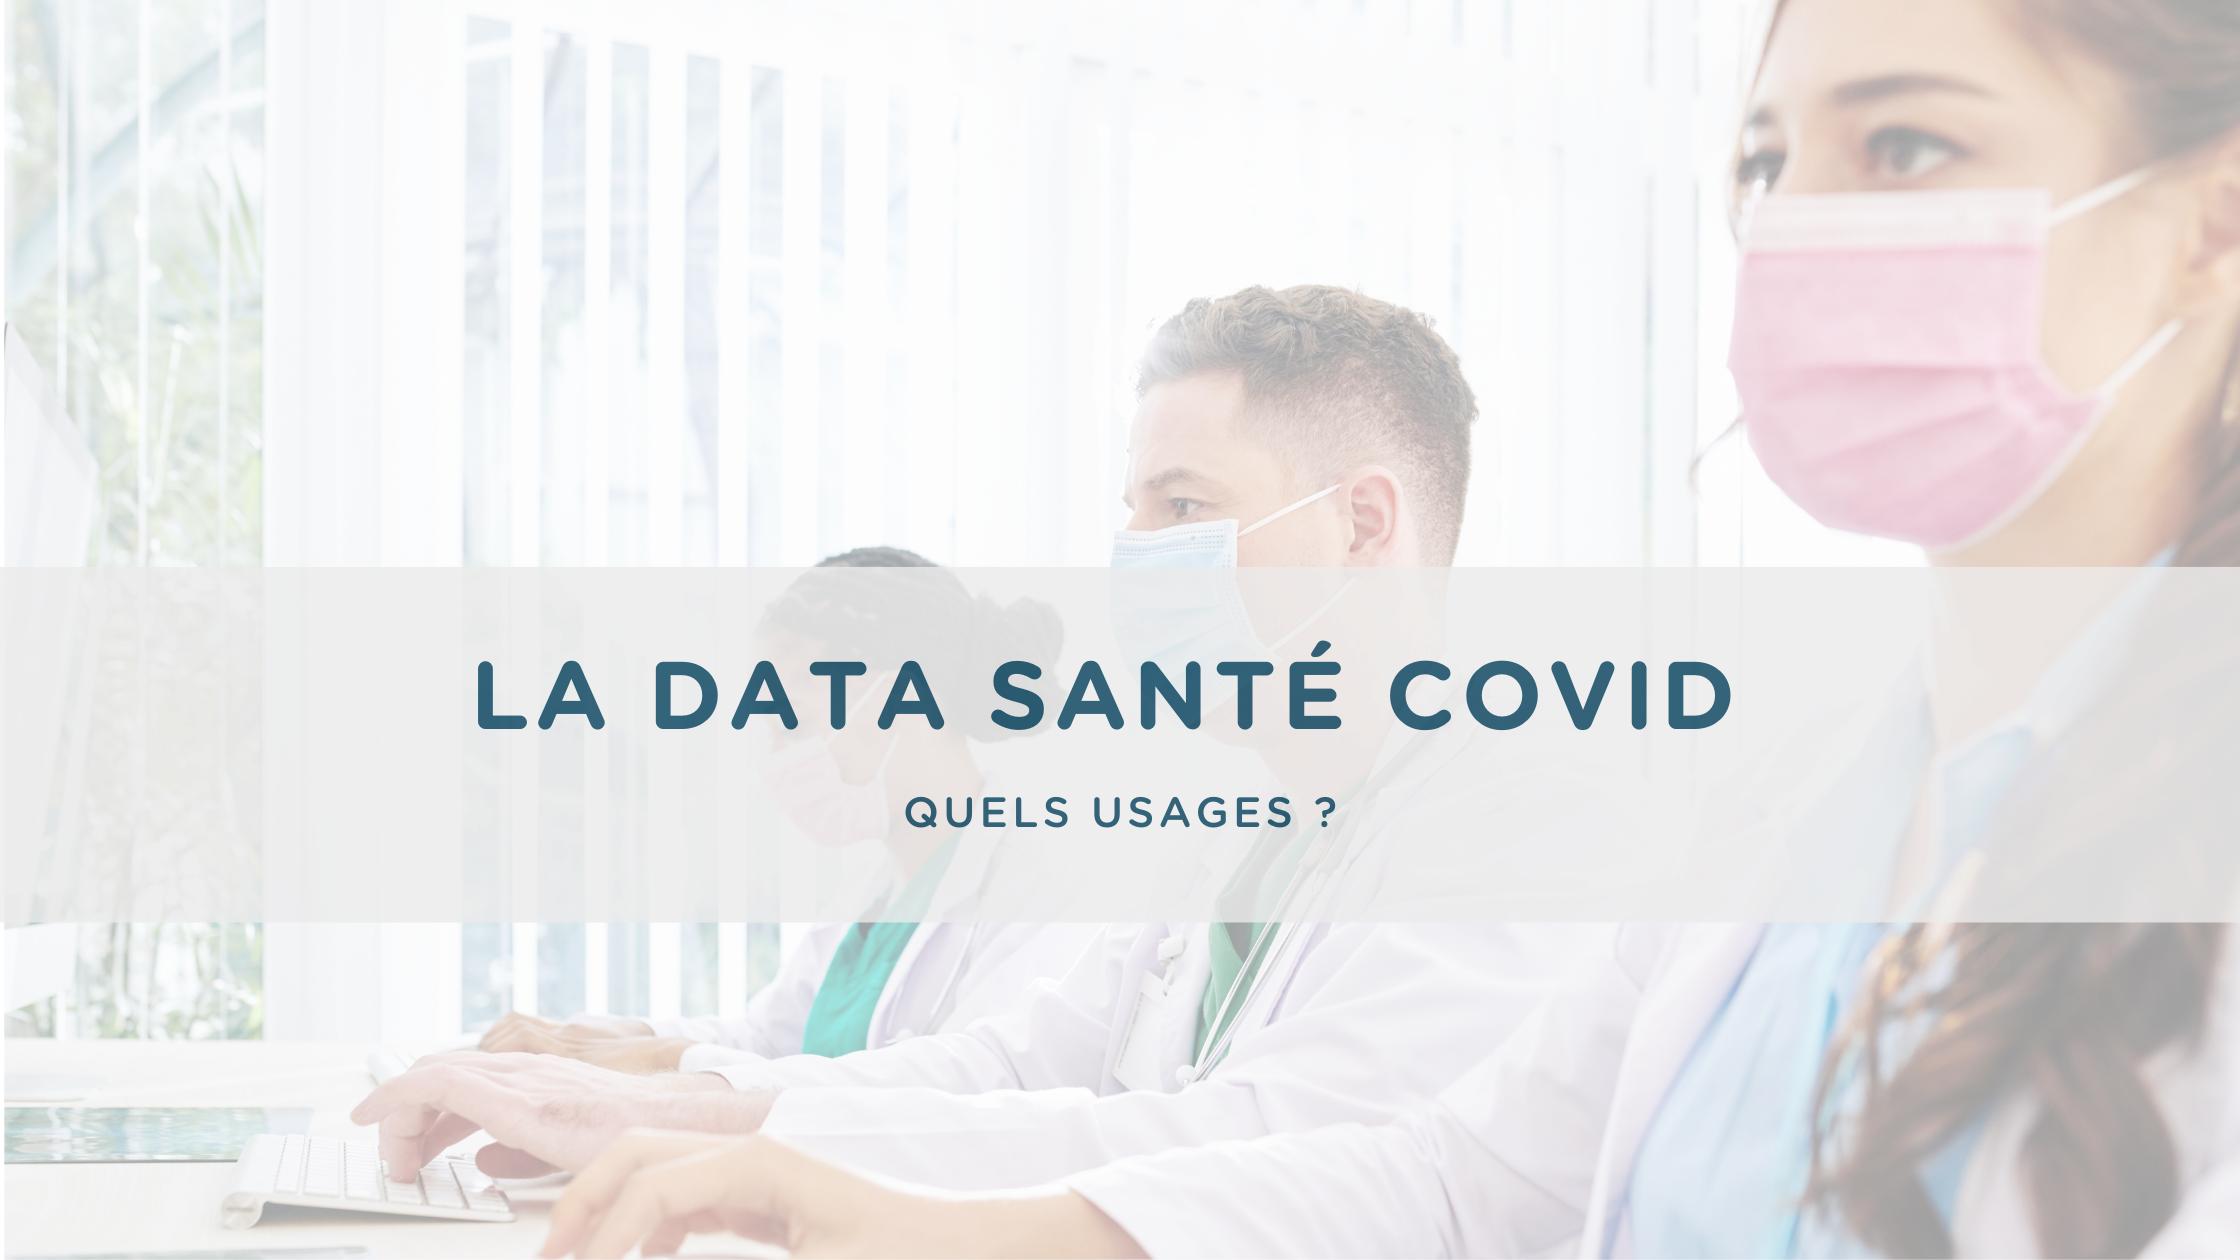 La data santé covid